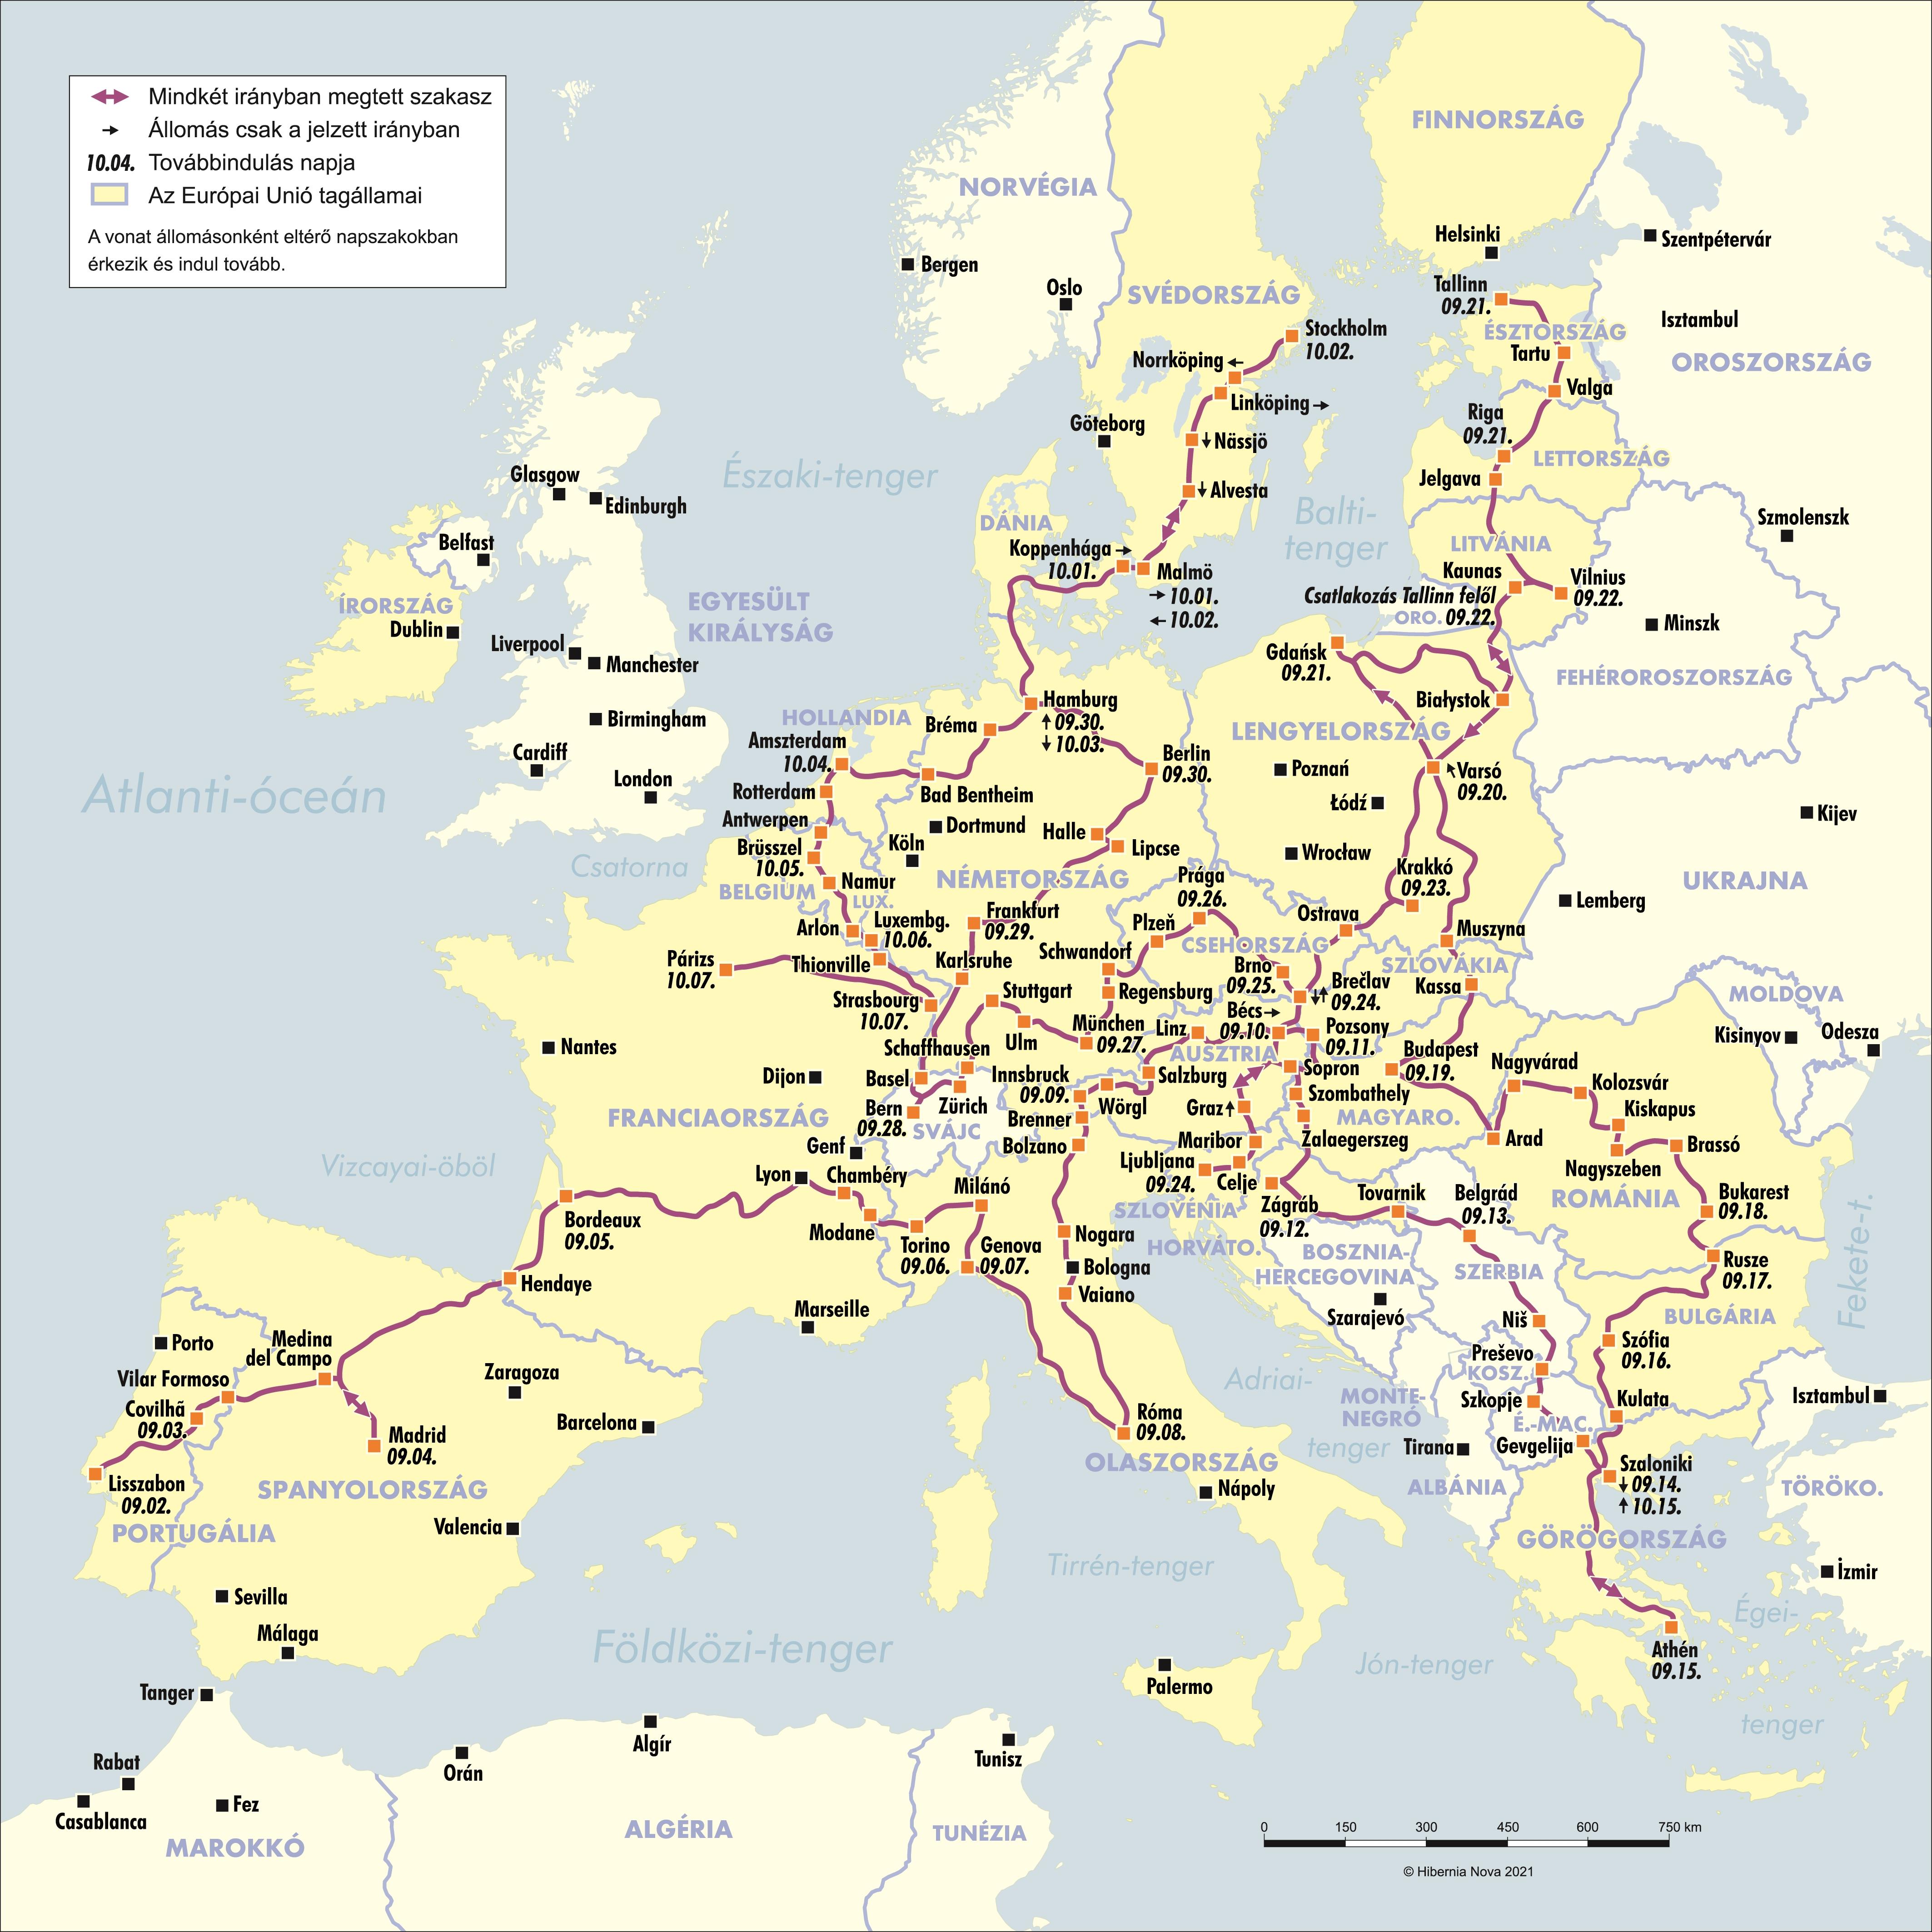 A vonat cikcakkos útvonala Európán át, Párizs lesz a végállomás október hetedikén